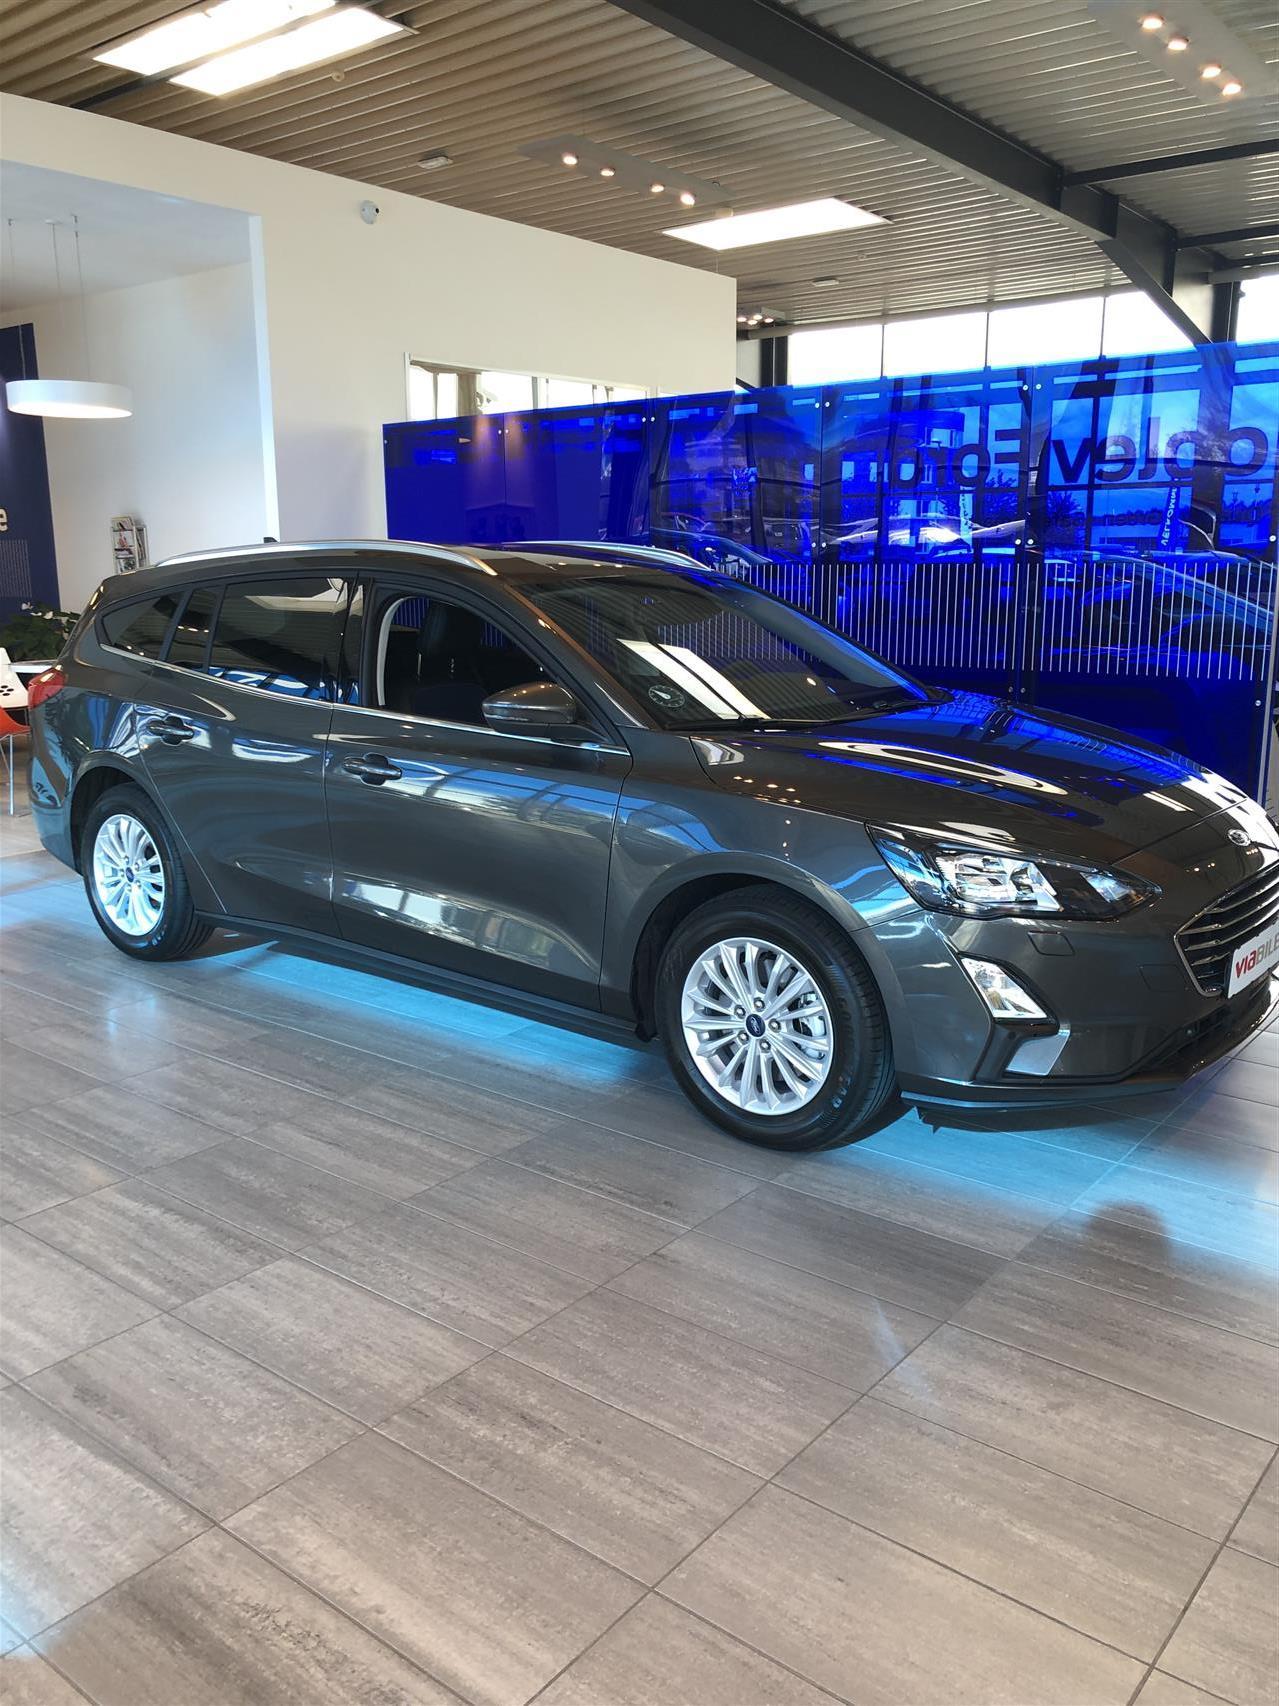 Billede af Ford Focus 1,0 EcoBoost Titanium X 125HK Stc 8g Aut.